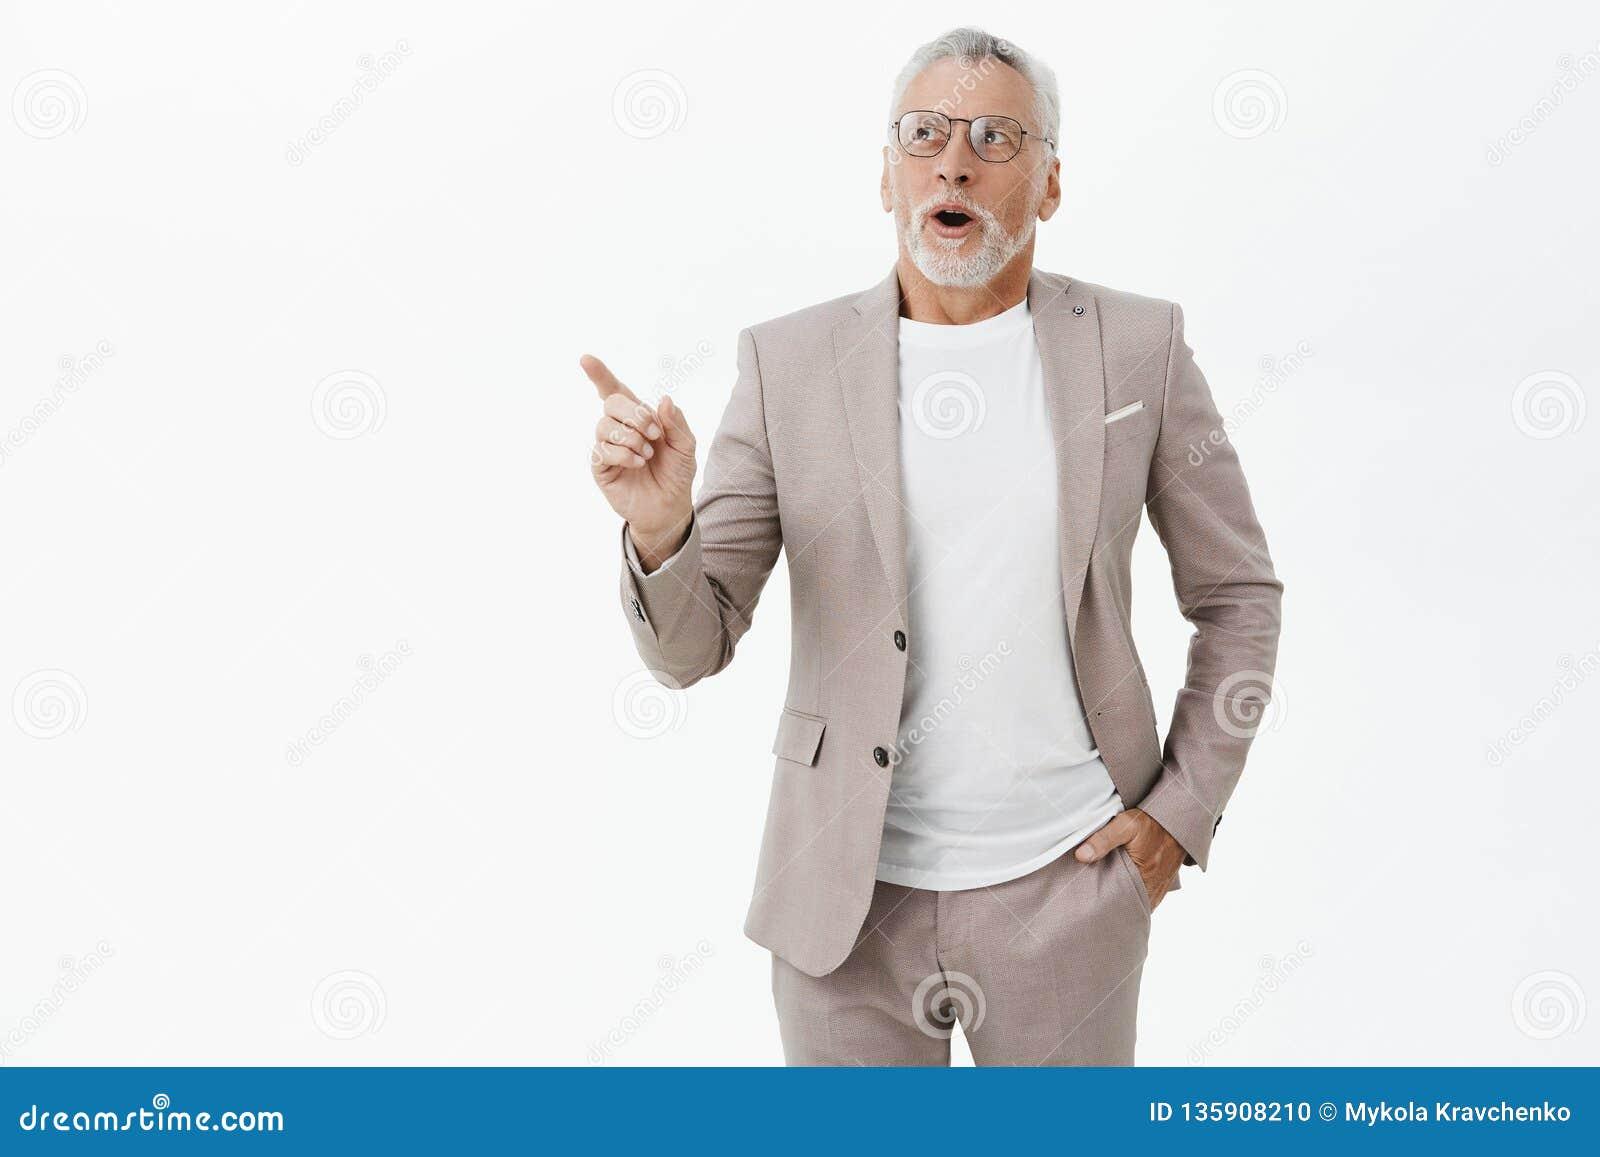 Mannen undrar hur snabba världsändringar Imponerad och förtjust charmig gammal manlig modell med det gråa skägg- och hårinnehavet